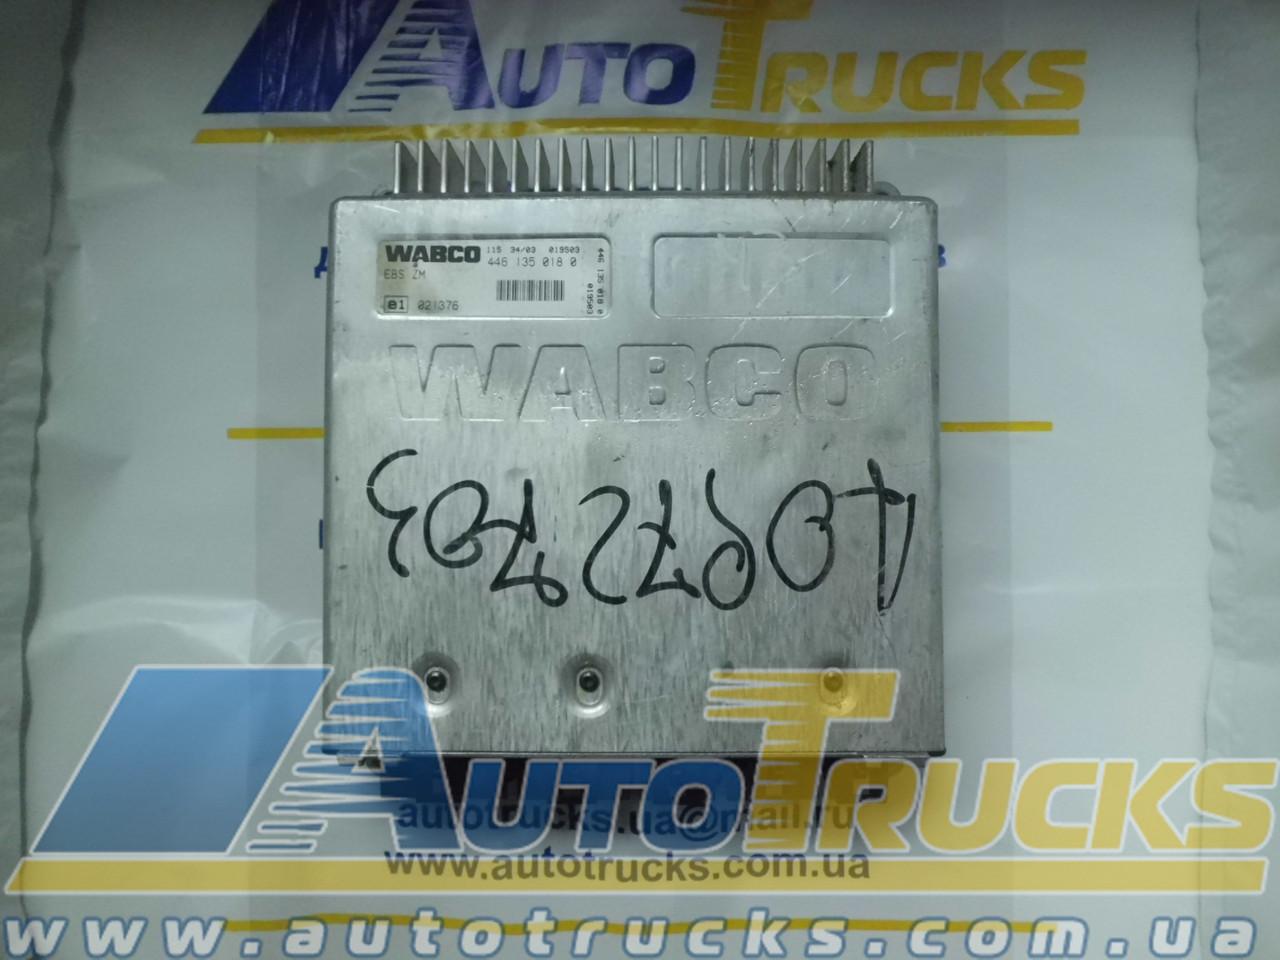 Блок управления EBS ZM 4461350180 Б/у для IVECO Stralis (4461350180; 11534/03)